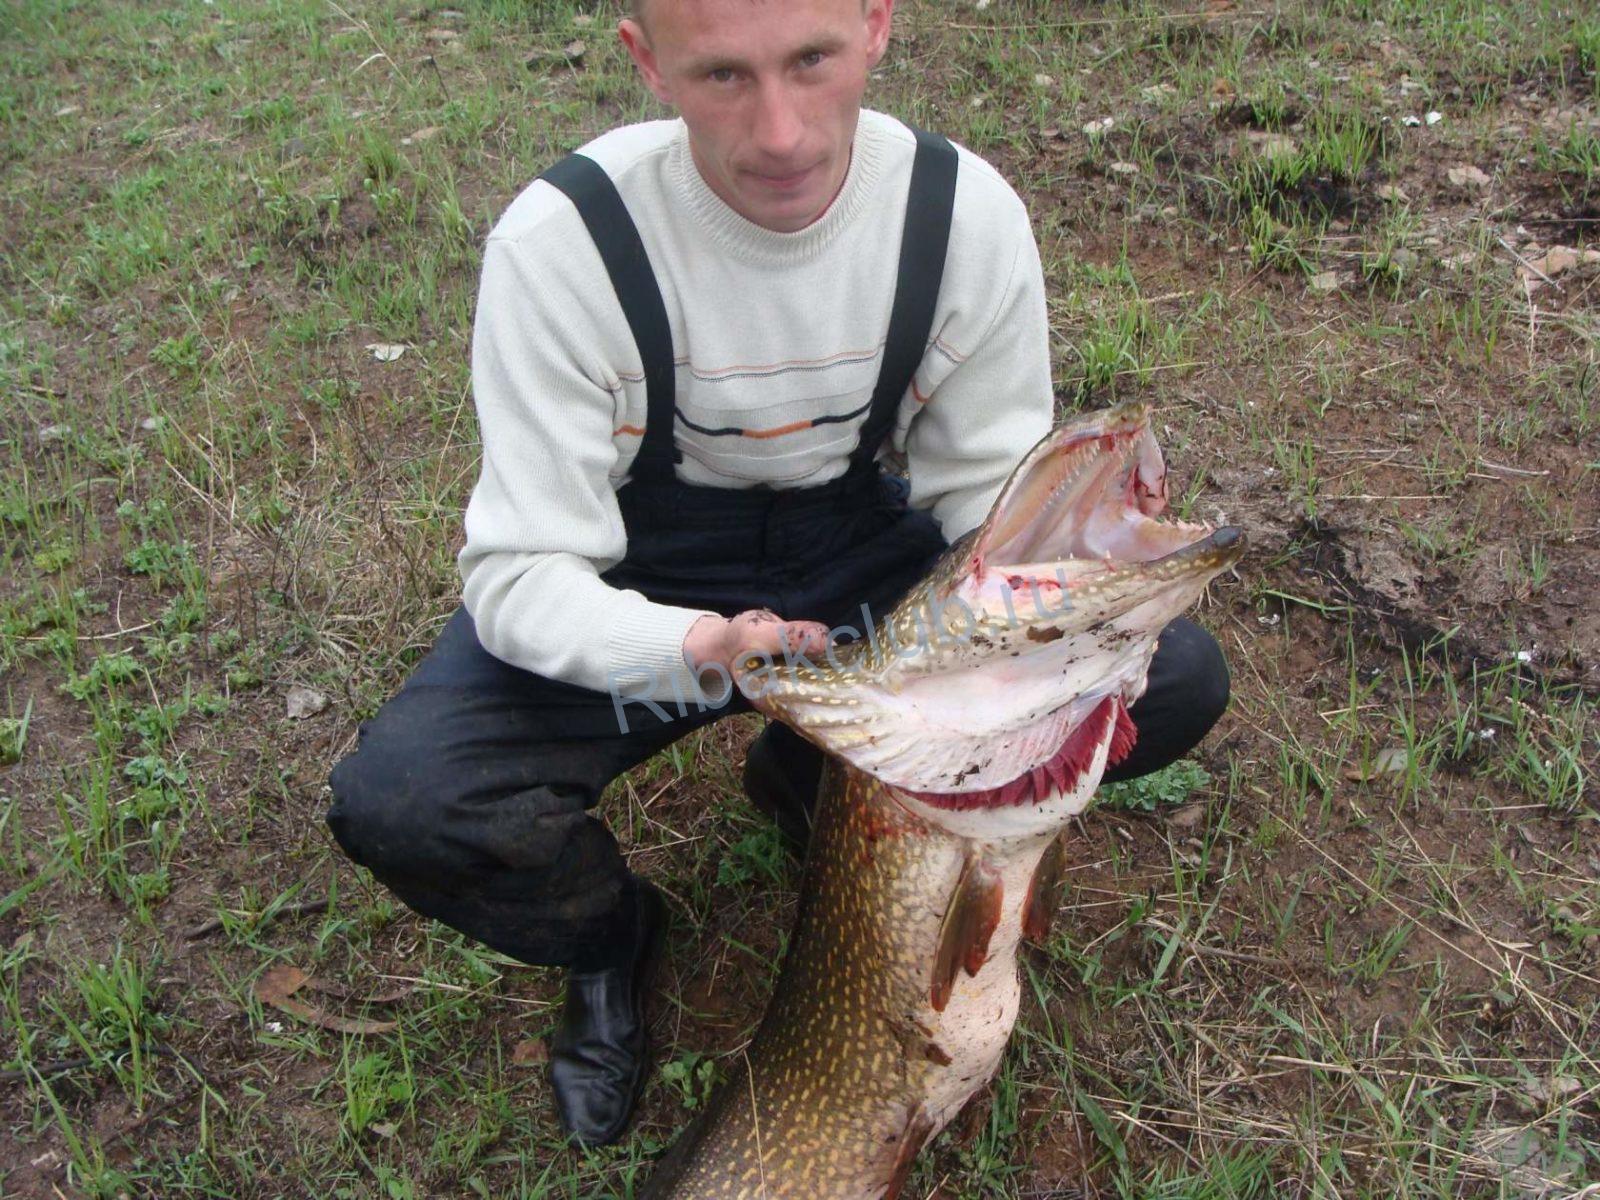 Начало жора и народные приметы. Особенности ловли рыбы осенью. Видео.